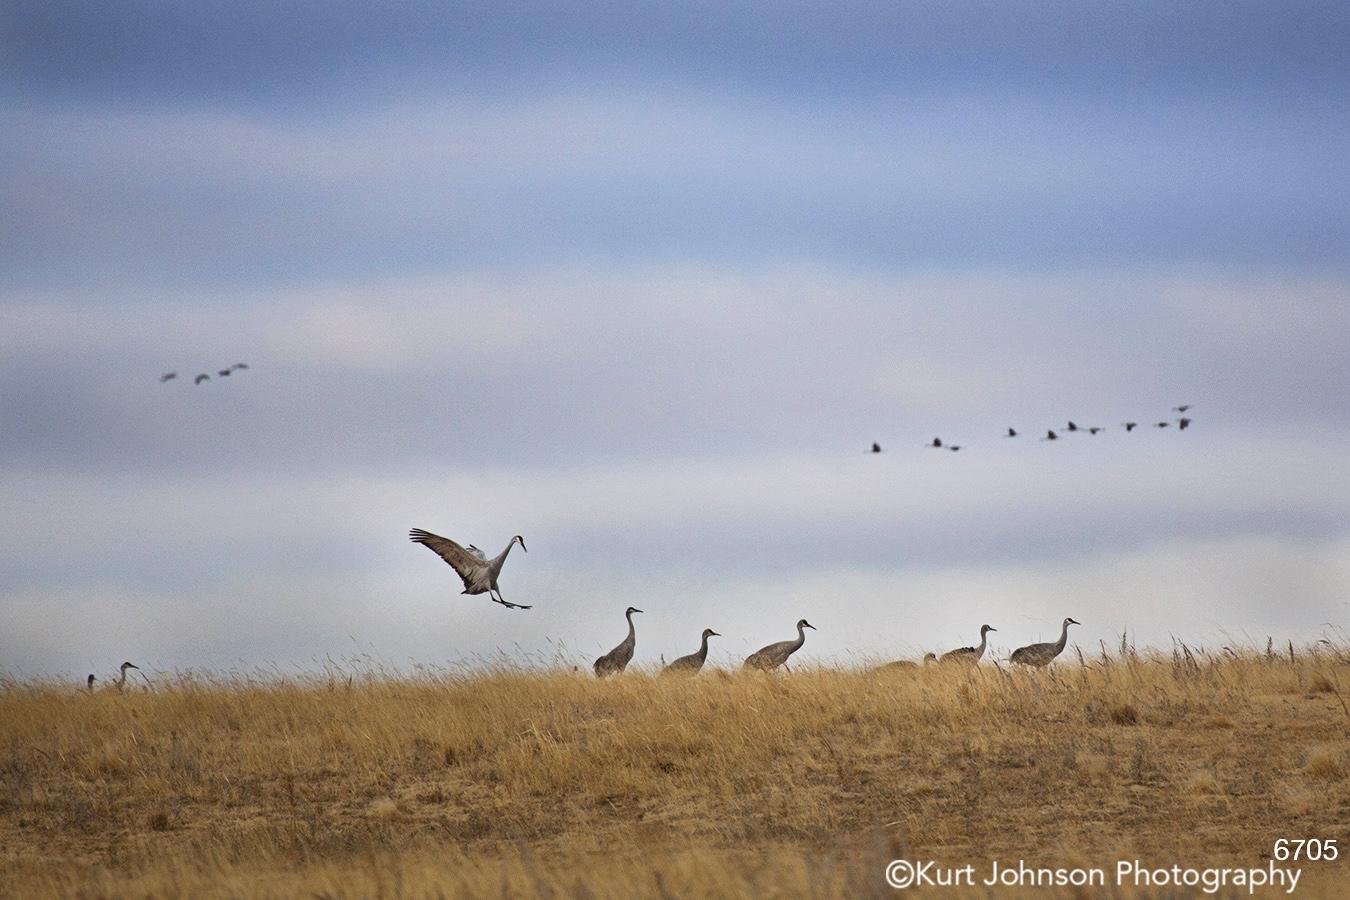 wildlife cranes landscape sandhill birds